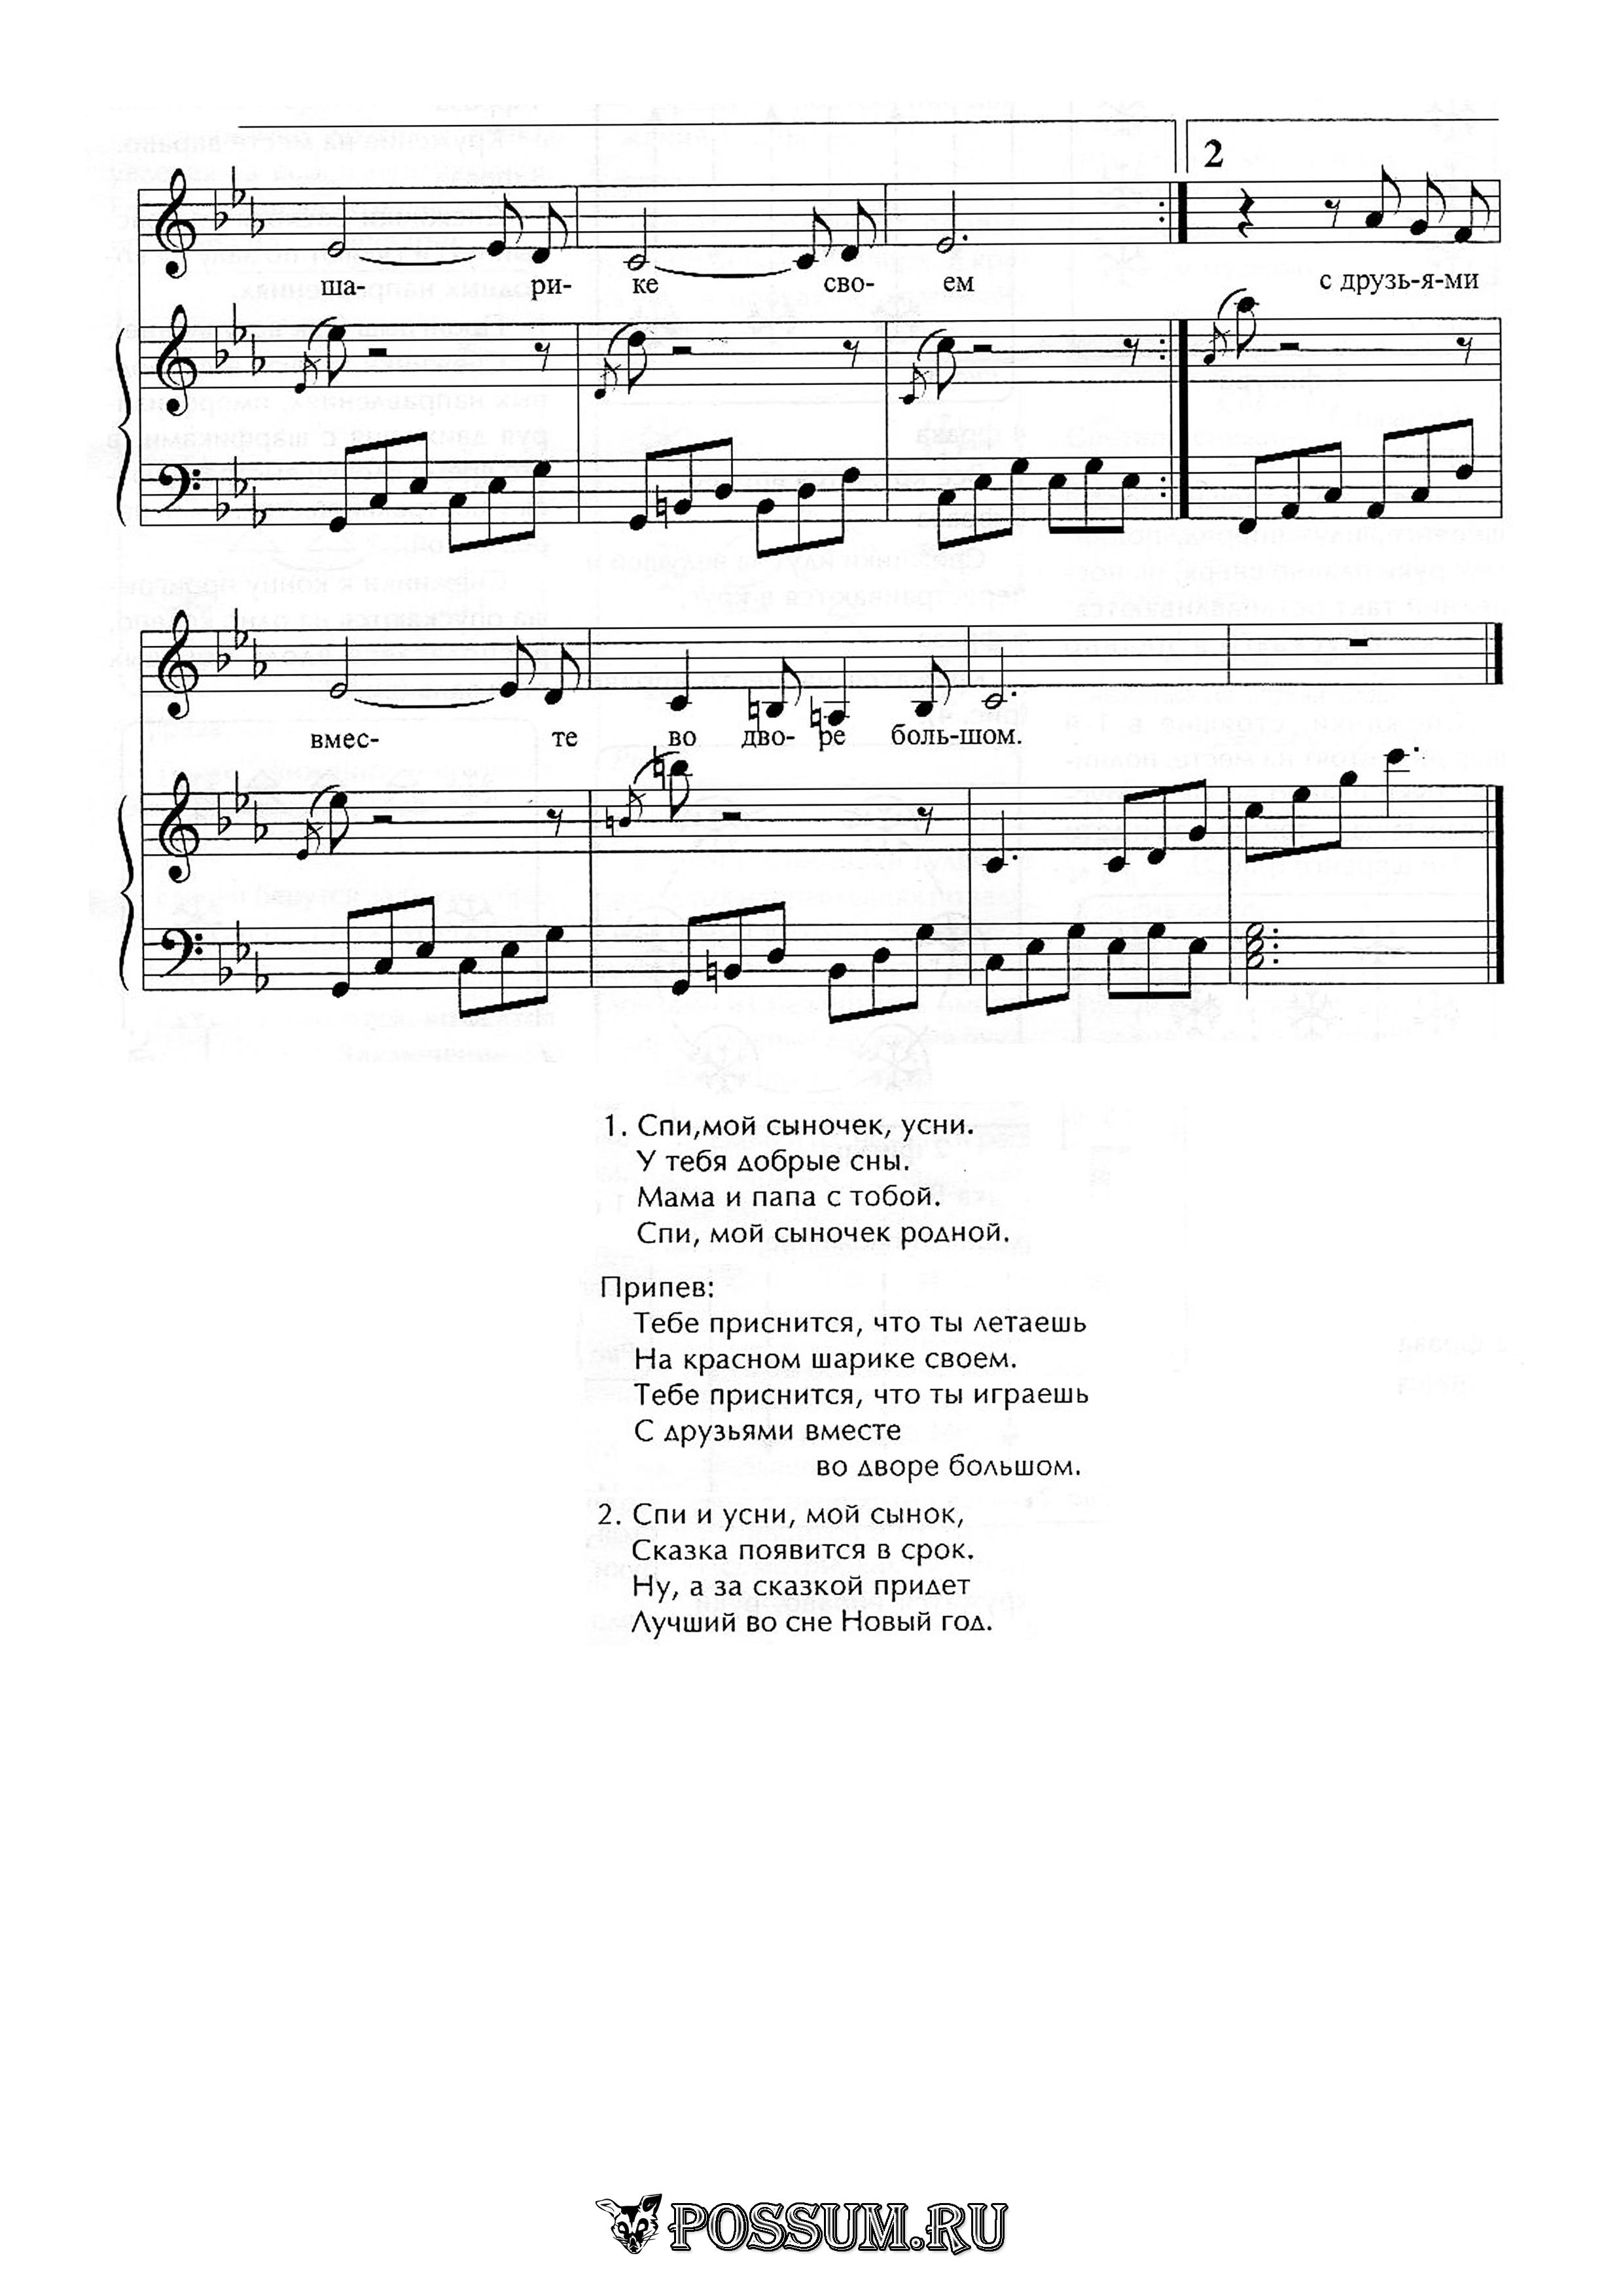 текст песни новогодняя песня детская